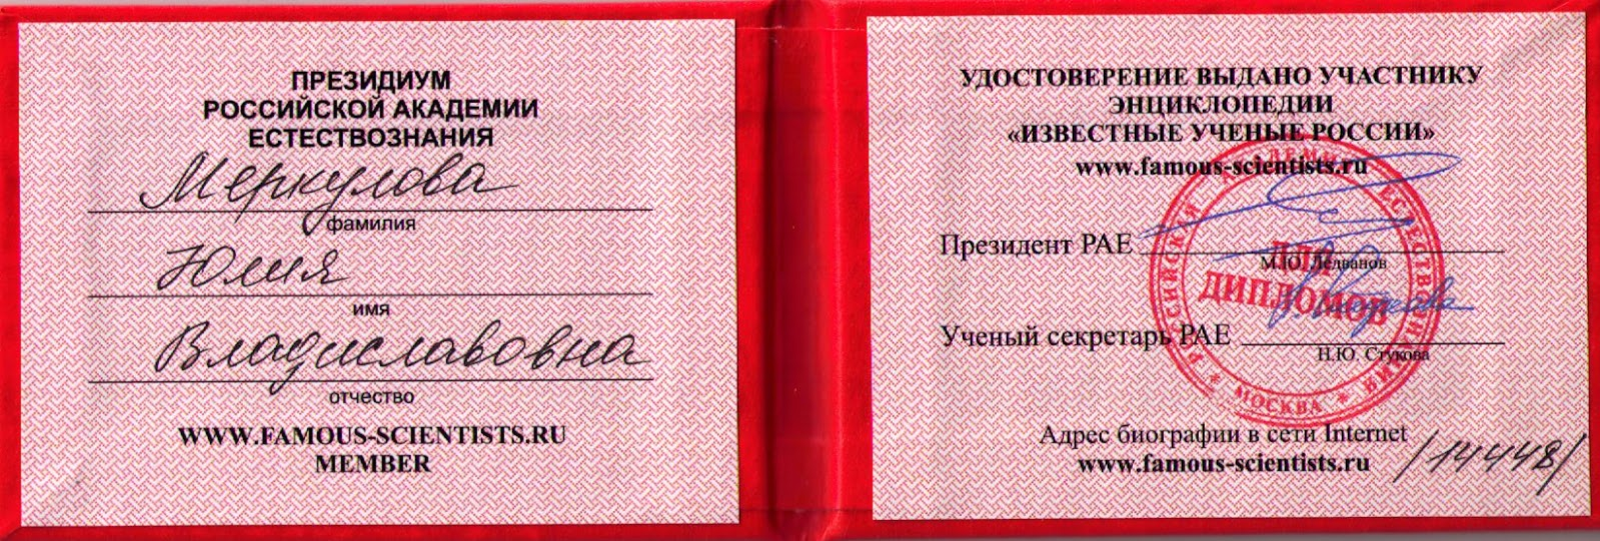 Учёные России - Социальная сеть